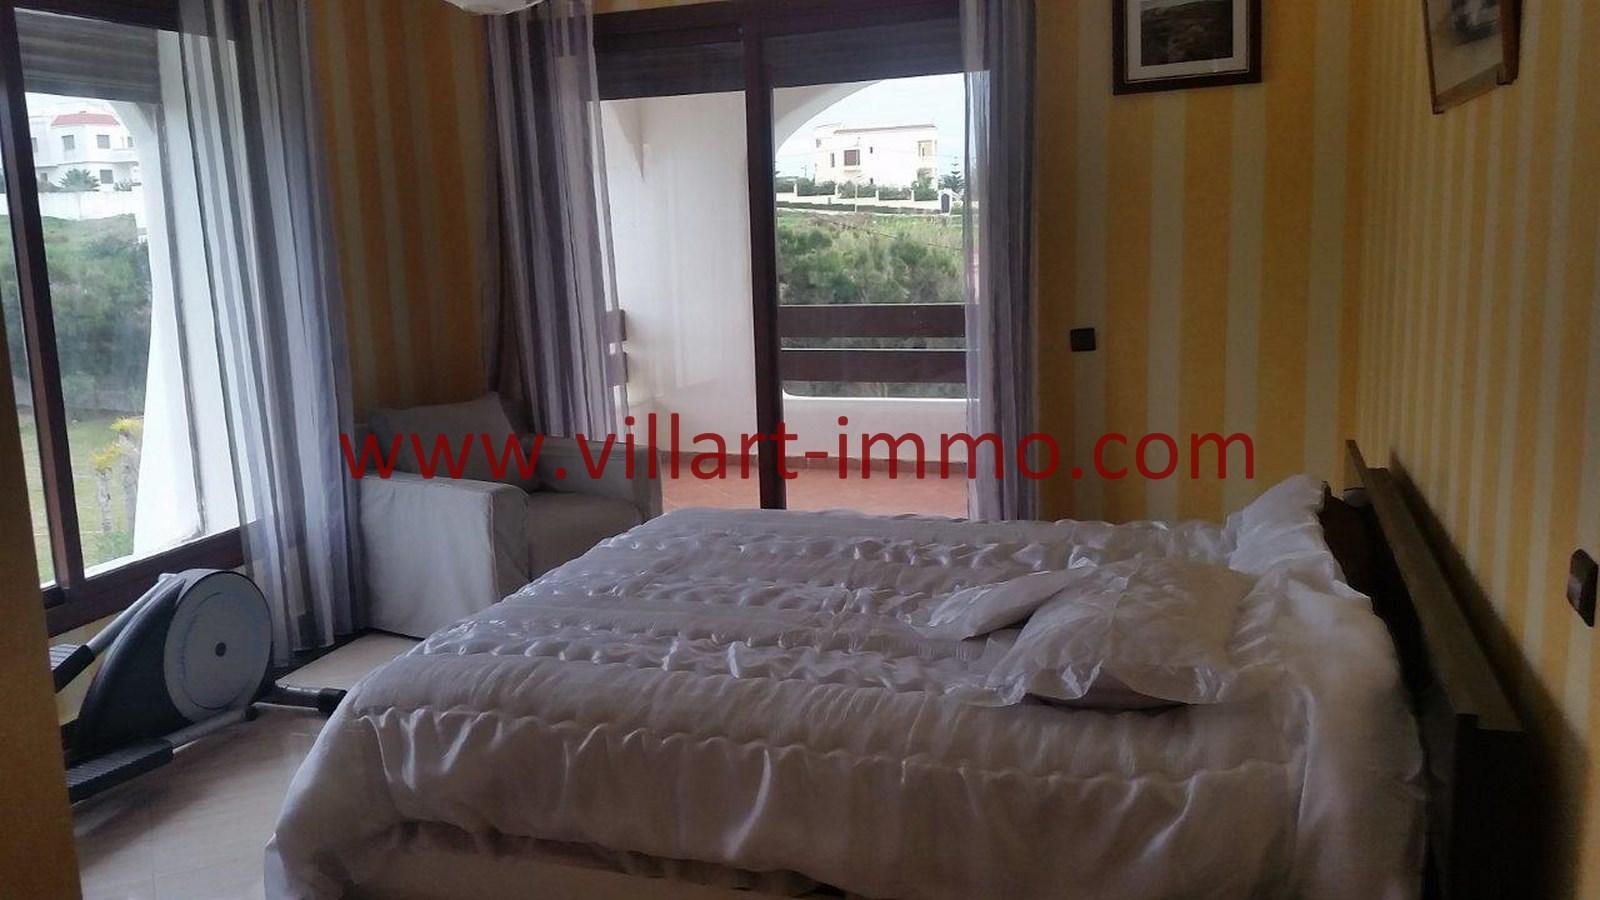 11-a-louer-villa-meublee-tanger-achakar-chambre-2-lsat914-villart-immo